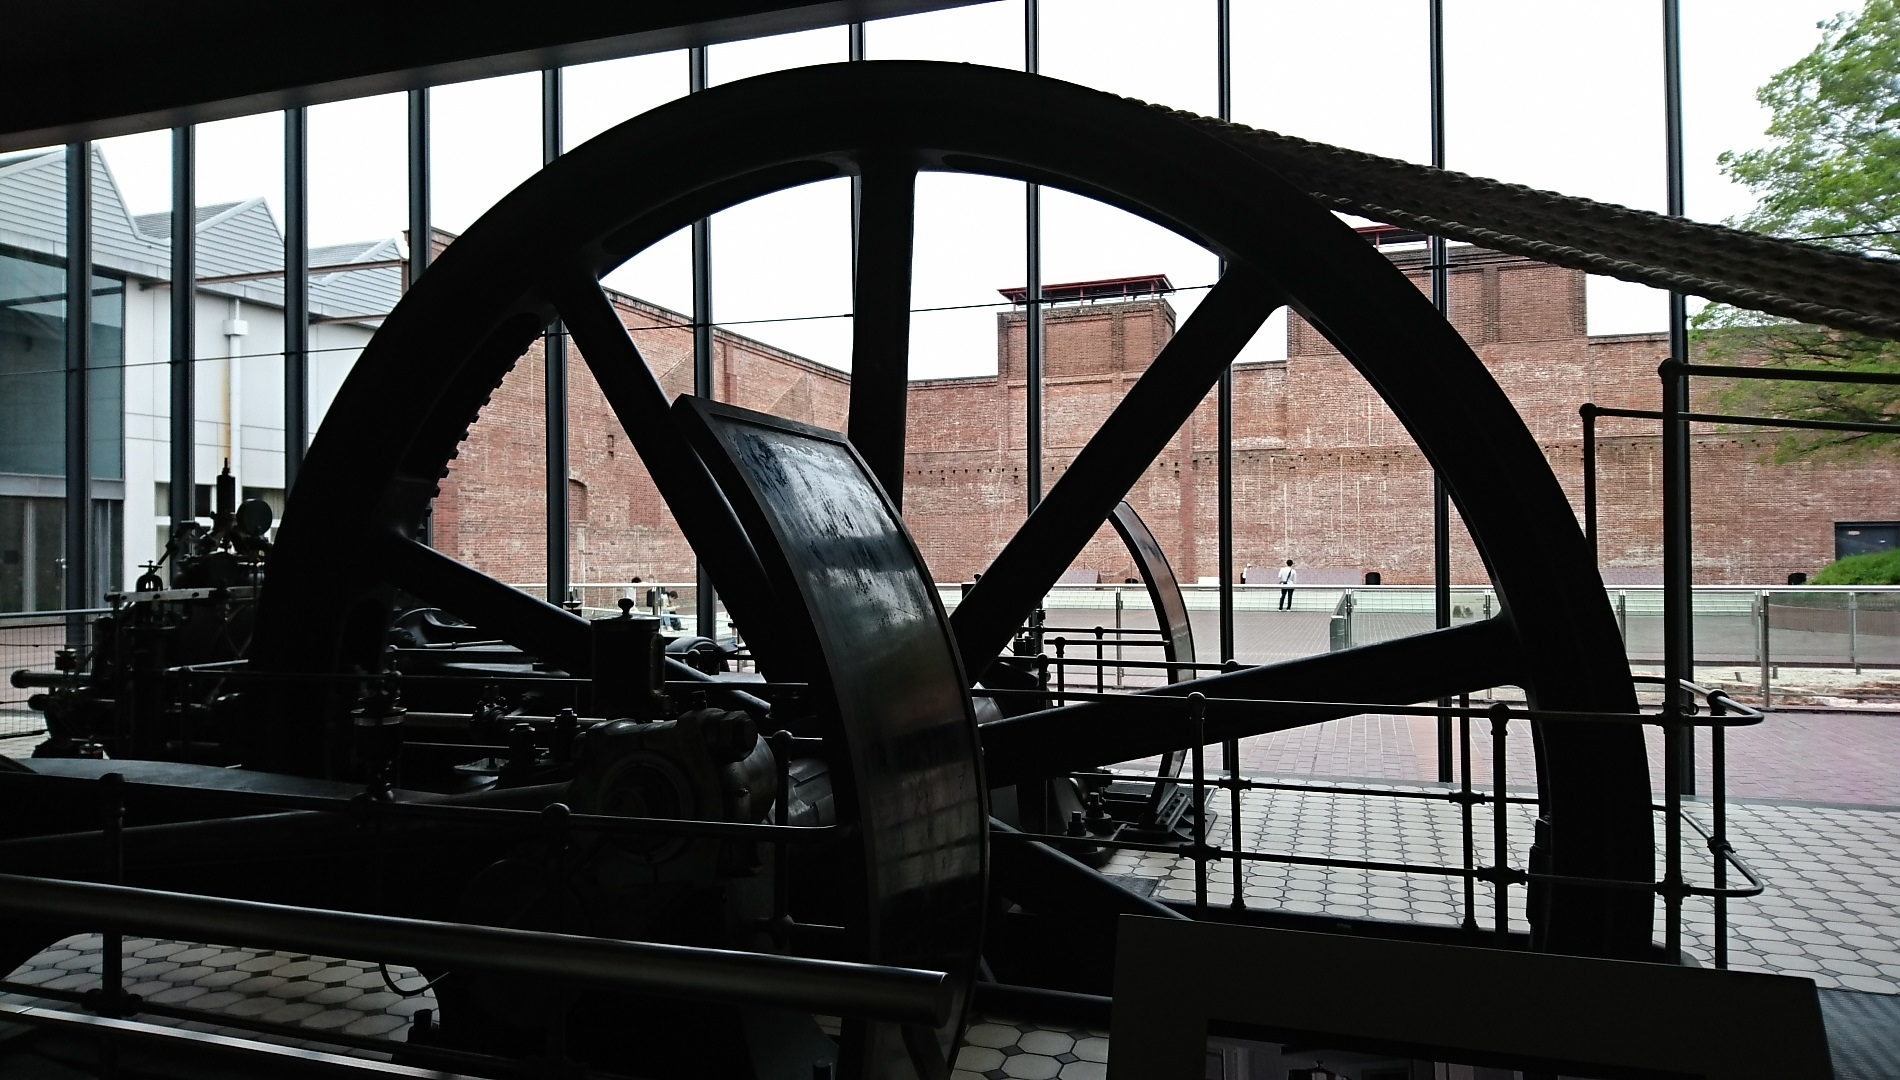 2018.5.3 (16) トヨタ産業技術記念館 - 蒸気機関 1900-1080